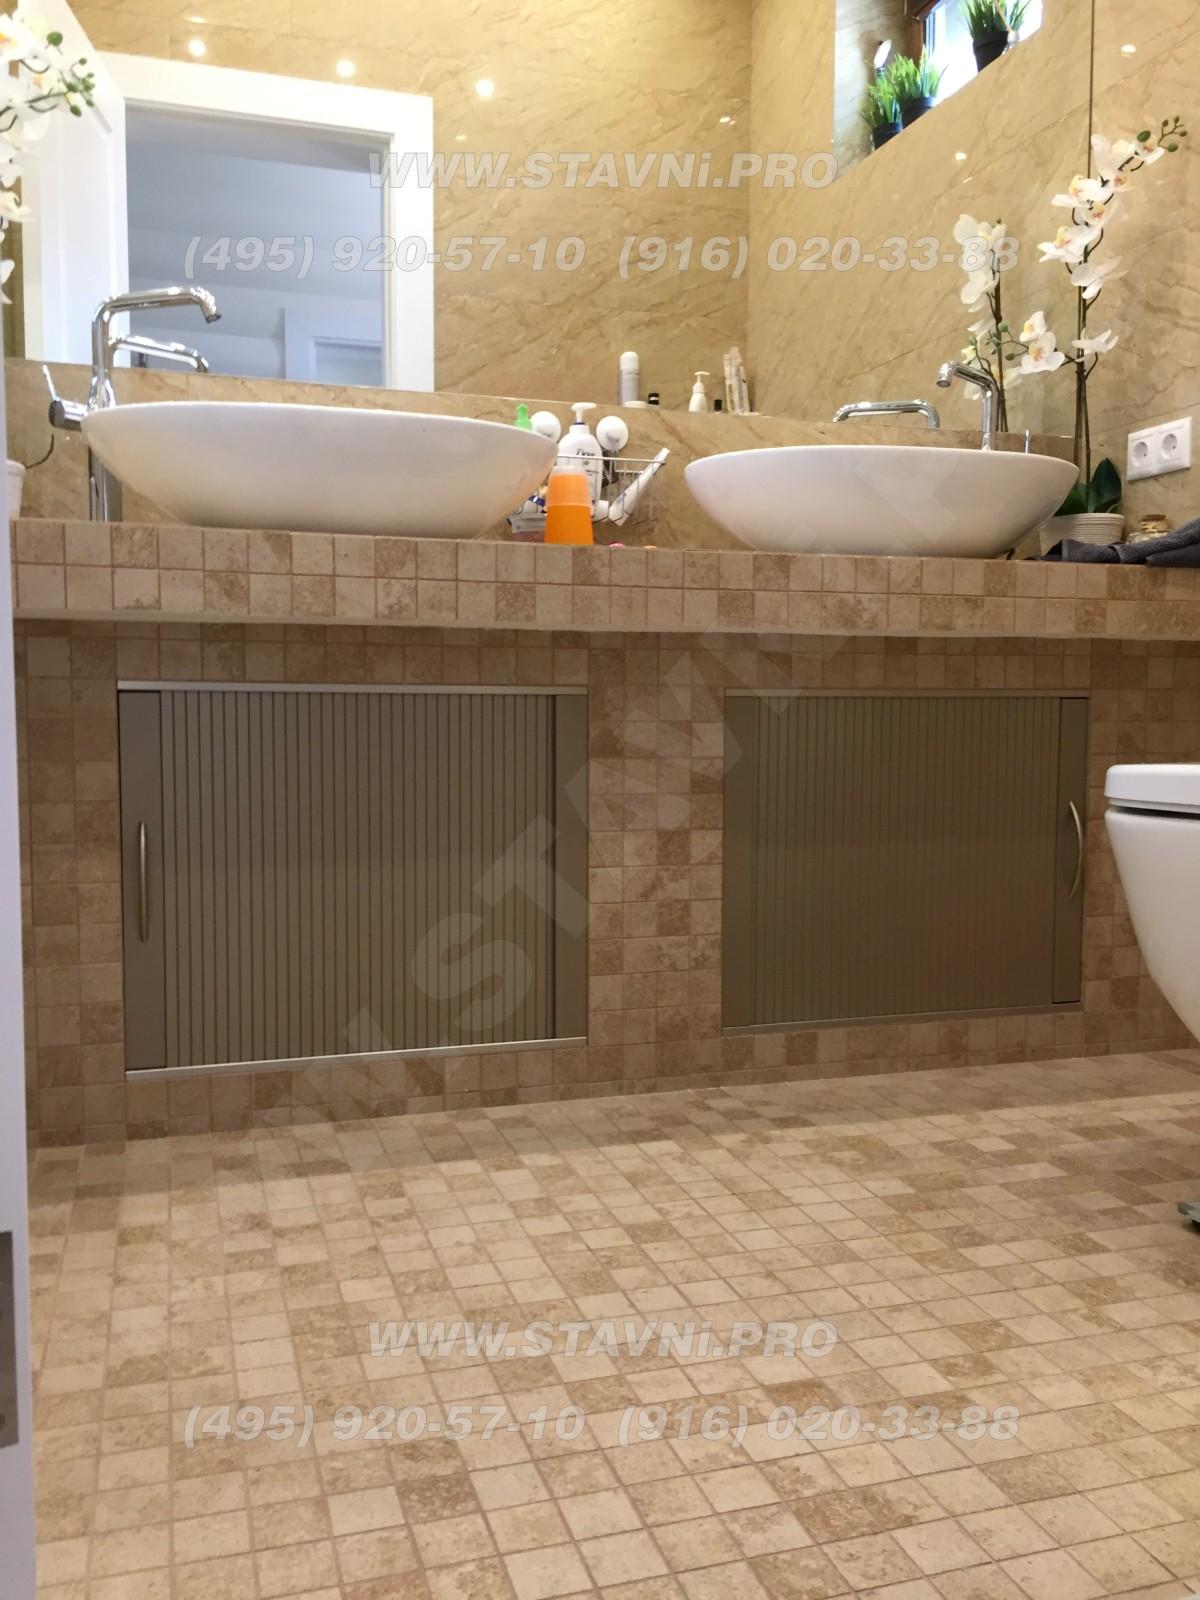 Ванная комната с пластиковыми роль дверцами Рехау